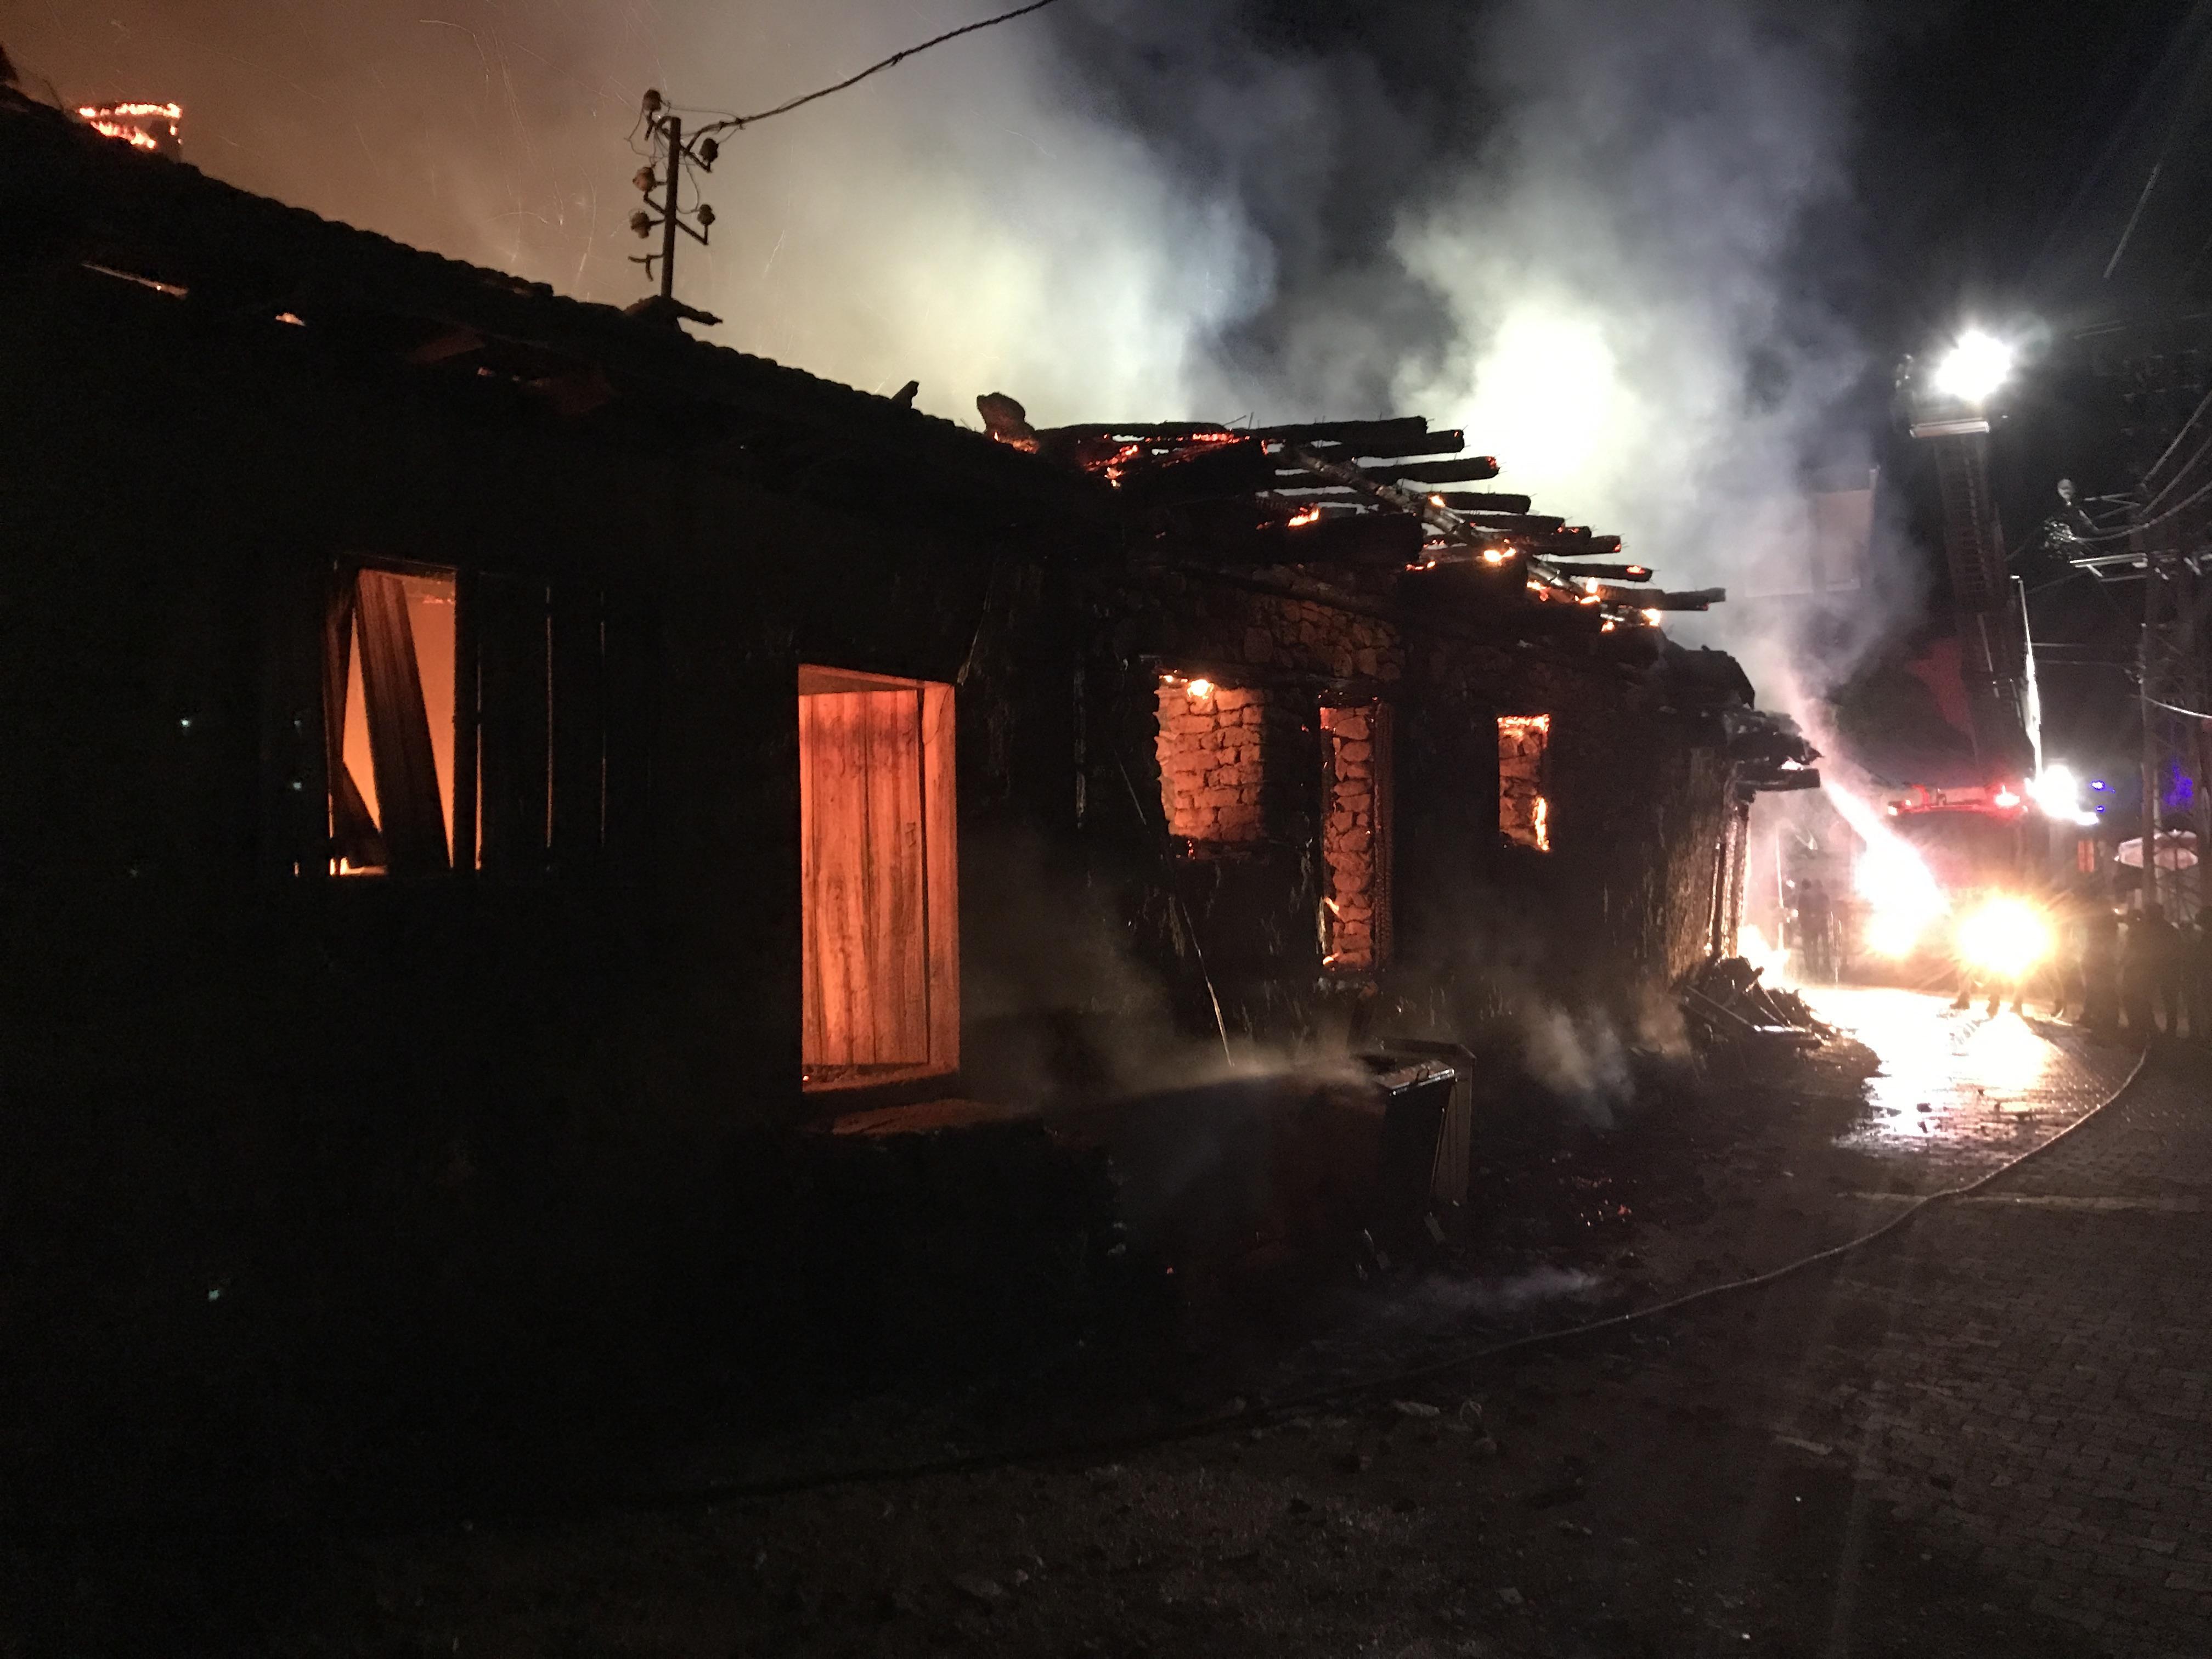 Uşak'ta çıkan yangında 3 ev ile 1 iş yeri zarar gördü